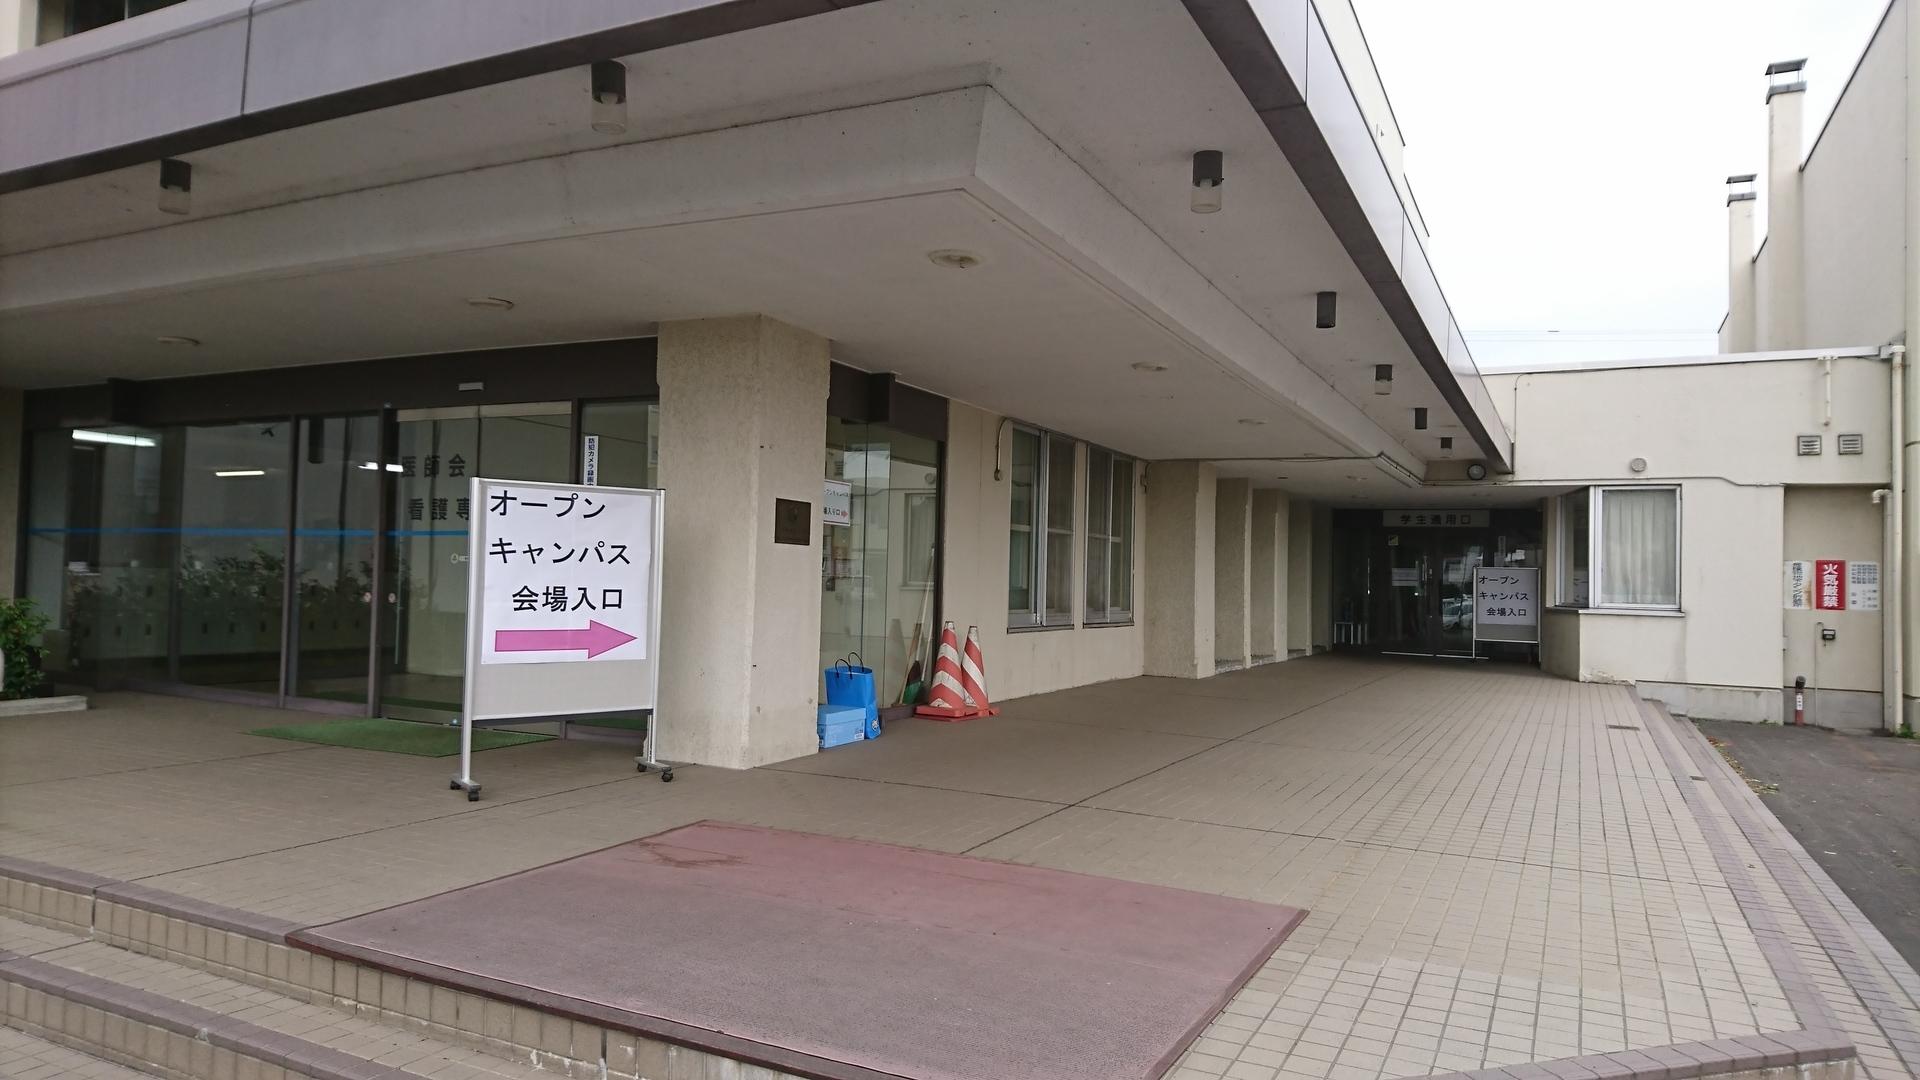 旭川市医師会看護専門学校オープンキャンパス: 東京アカデミー旭川校 ...